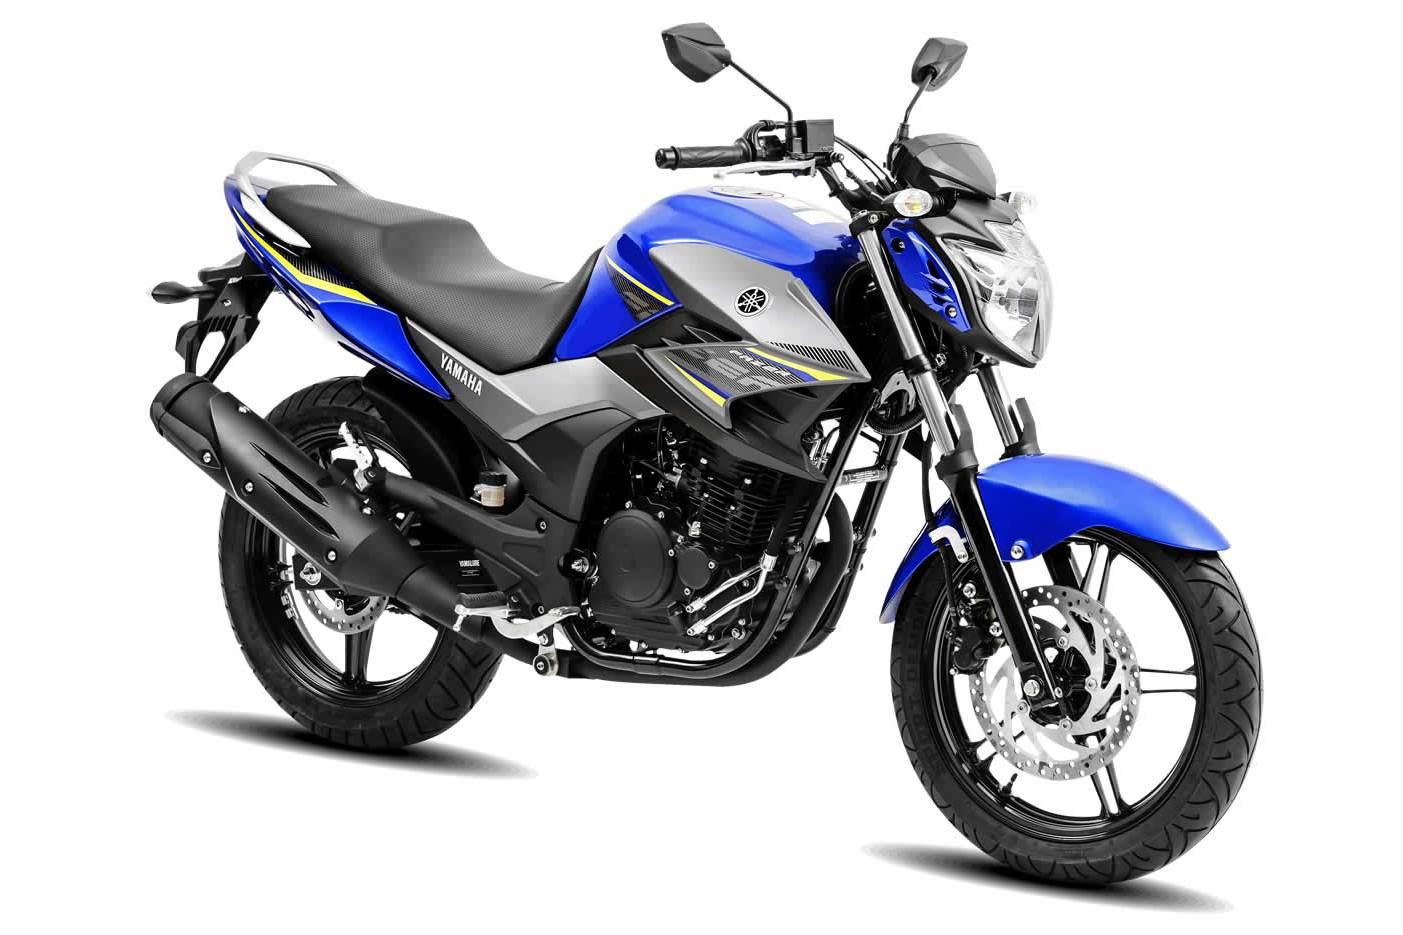 Yamaha fz 250 baru di pasaran india pada 24 januari 2017 for 2017 yamaha 250